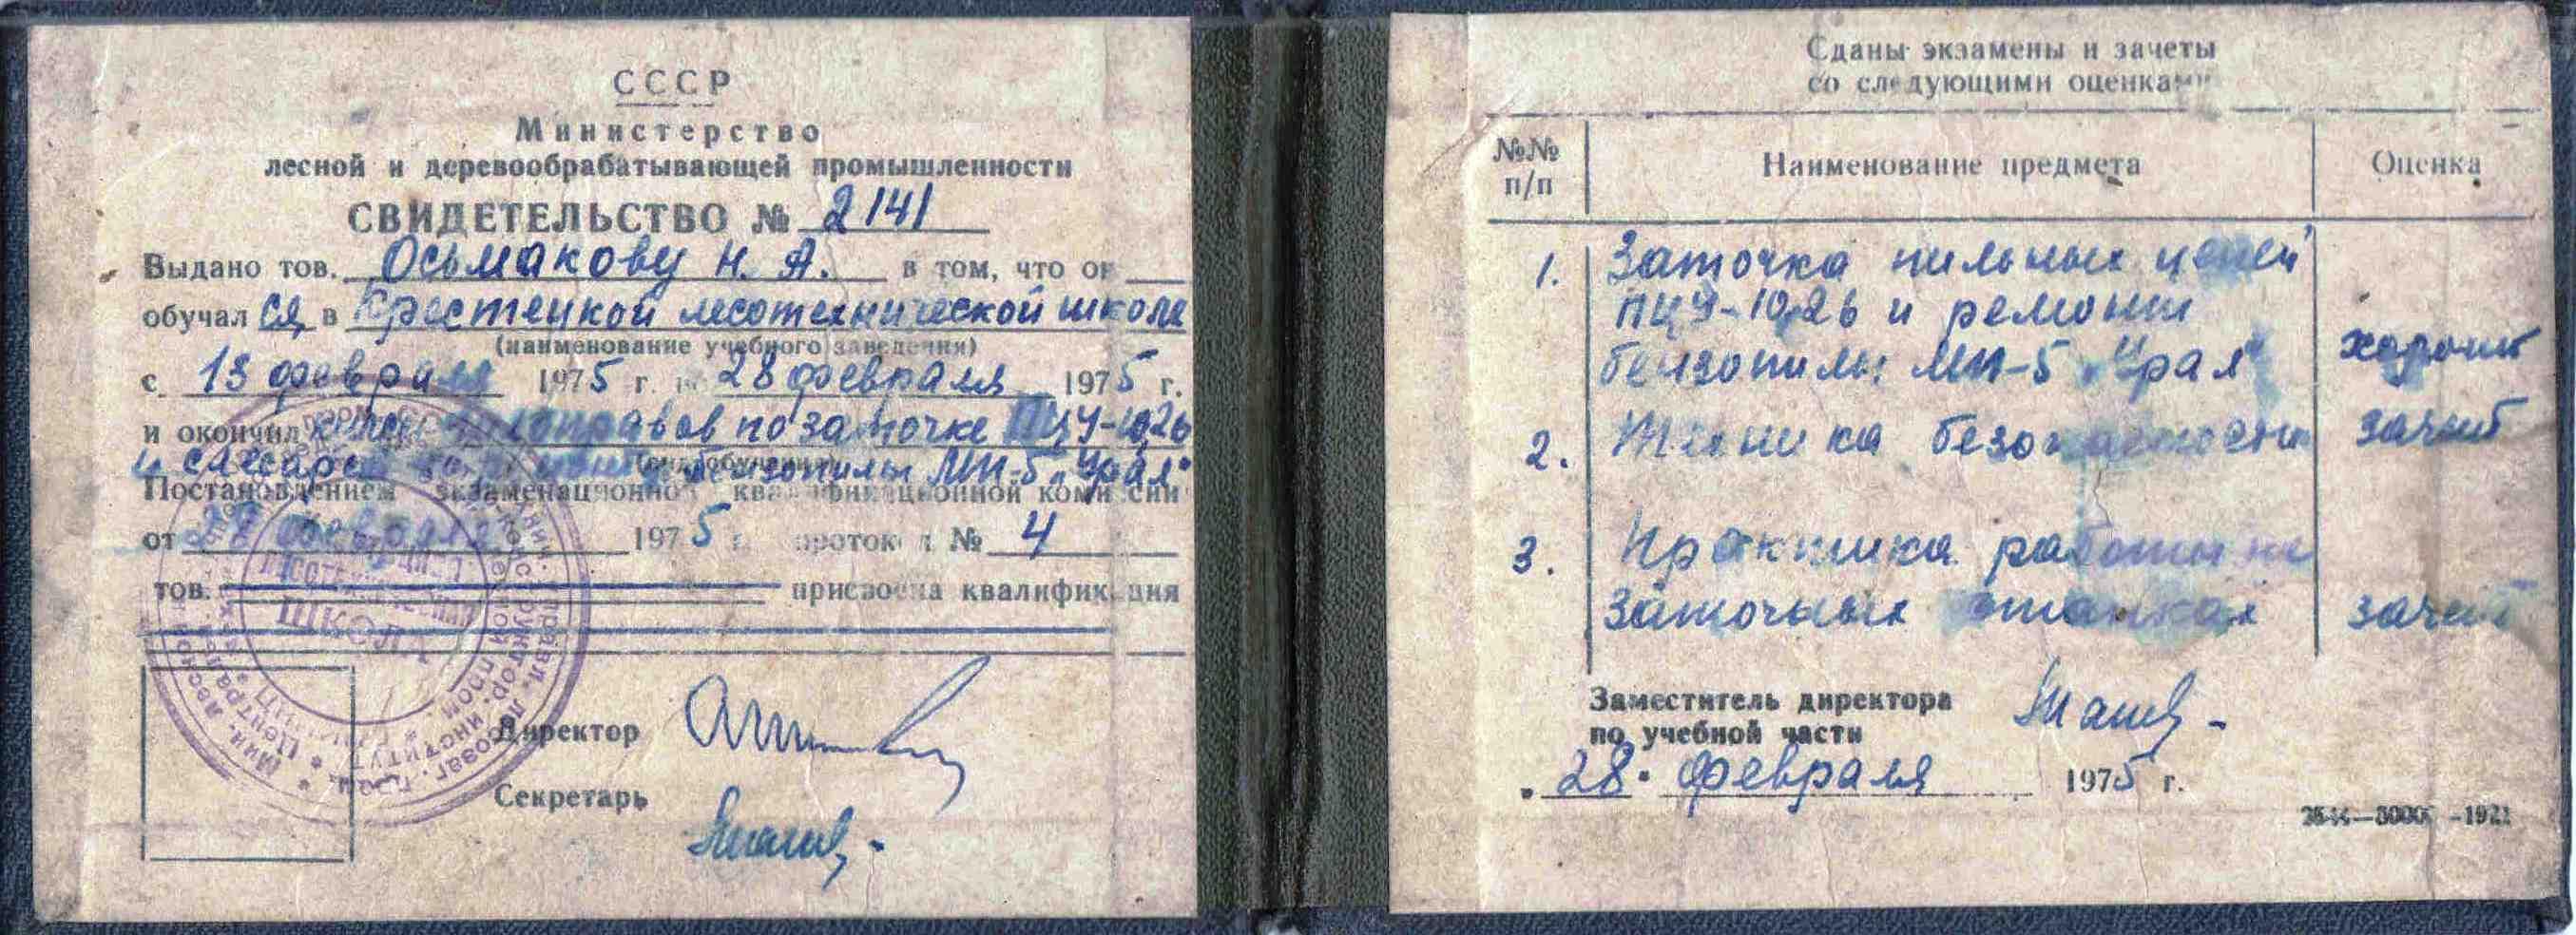 58. Свидетельство на пользование бензопилой МП-5 Урал, 1975 г.